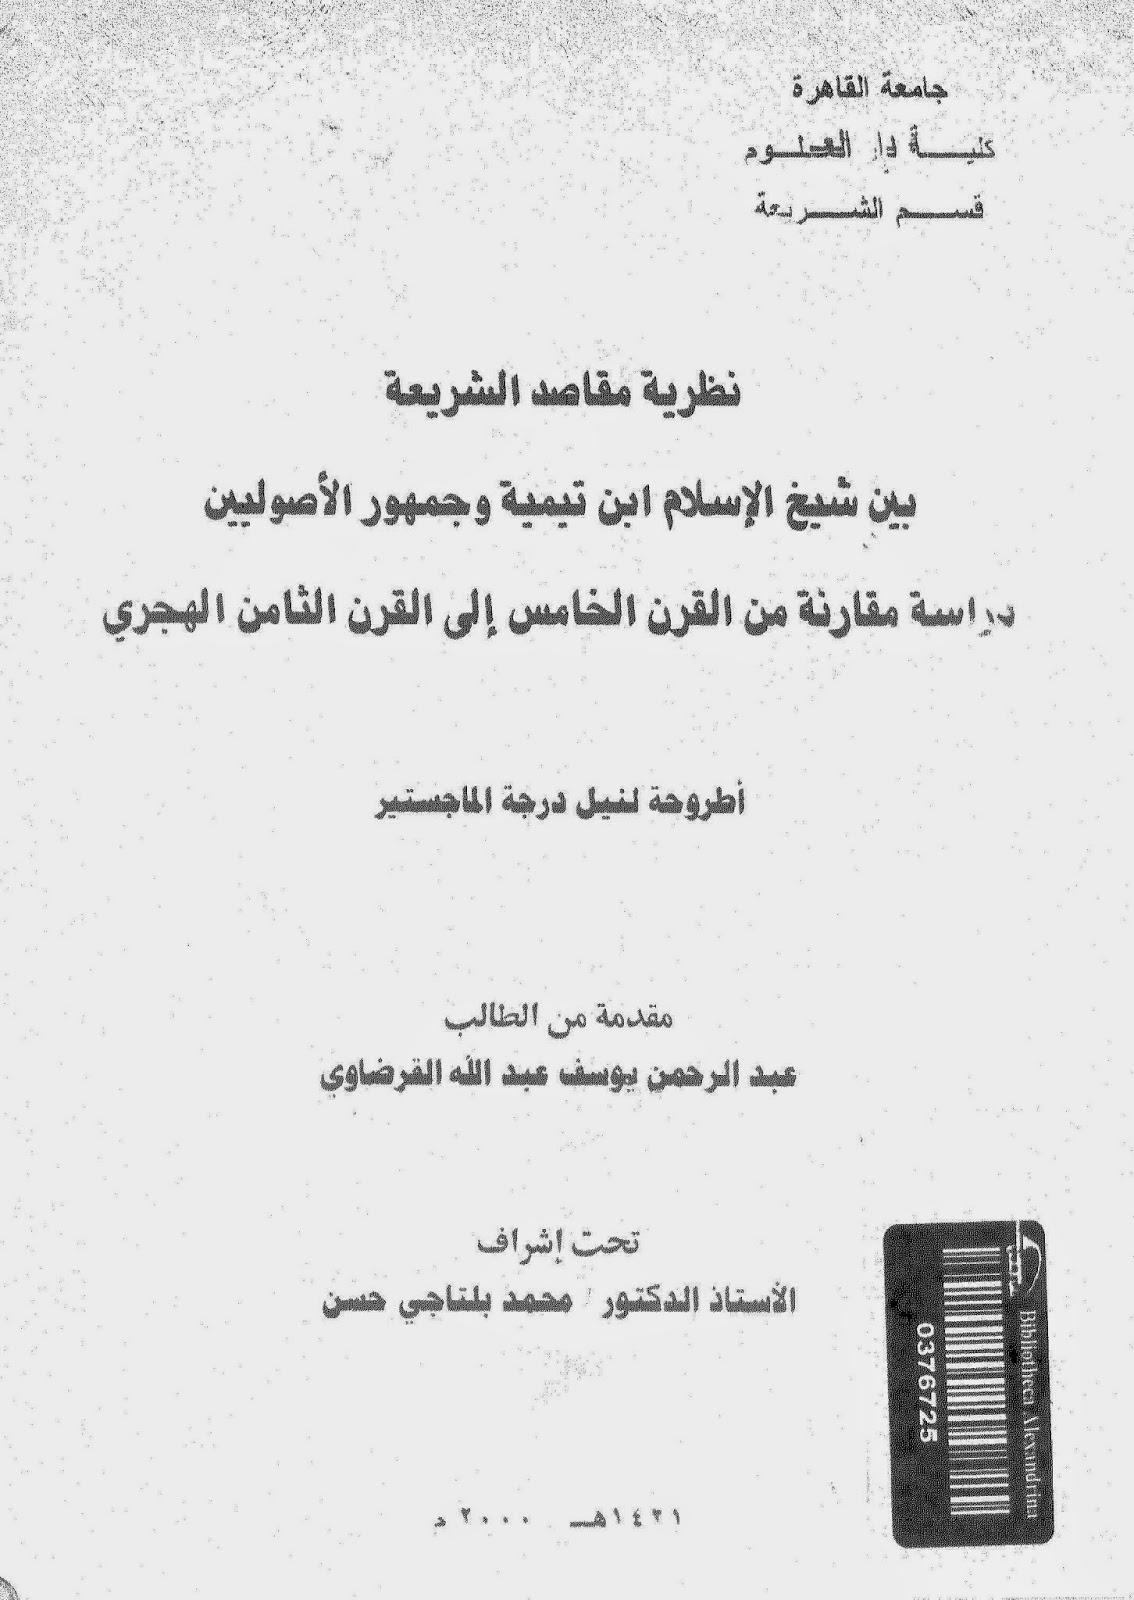 نظرية مقاصد الشريعة بين شيخ الإسلام ابن تيمية وجمهور الأصوليين - رسالة ماجستير